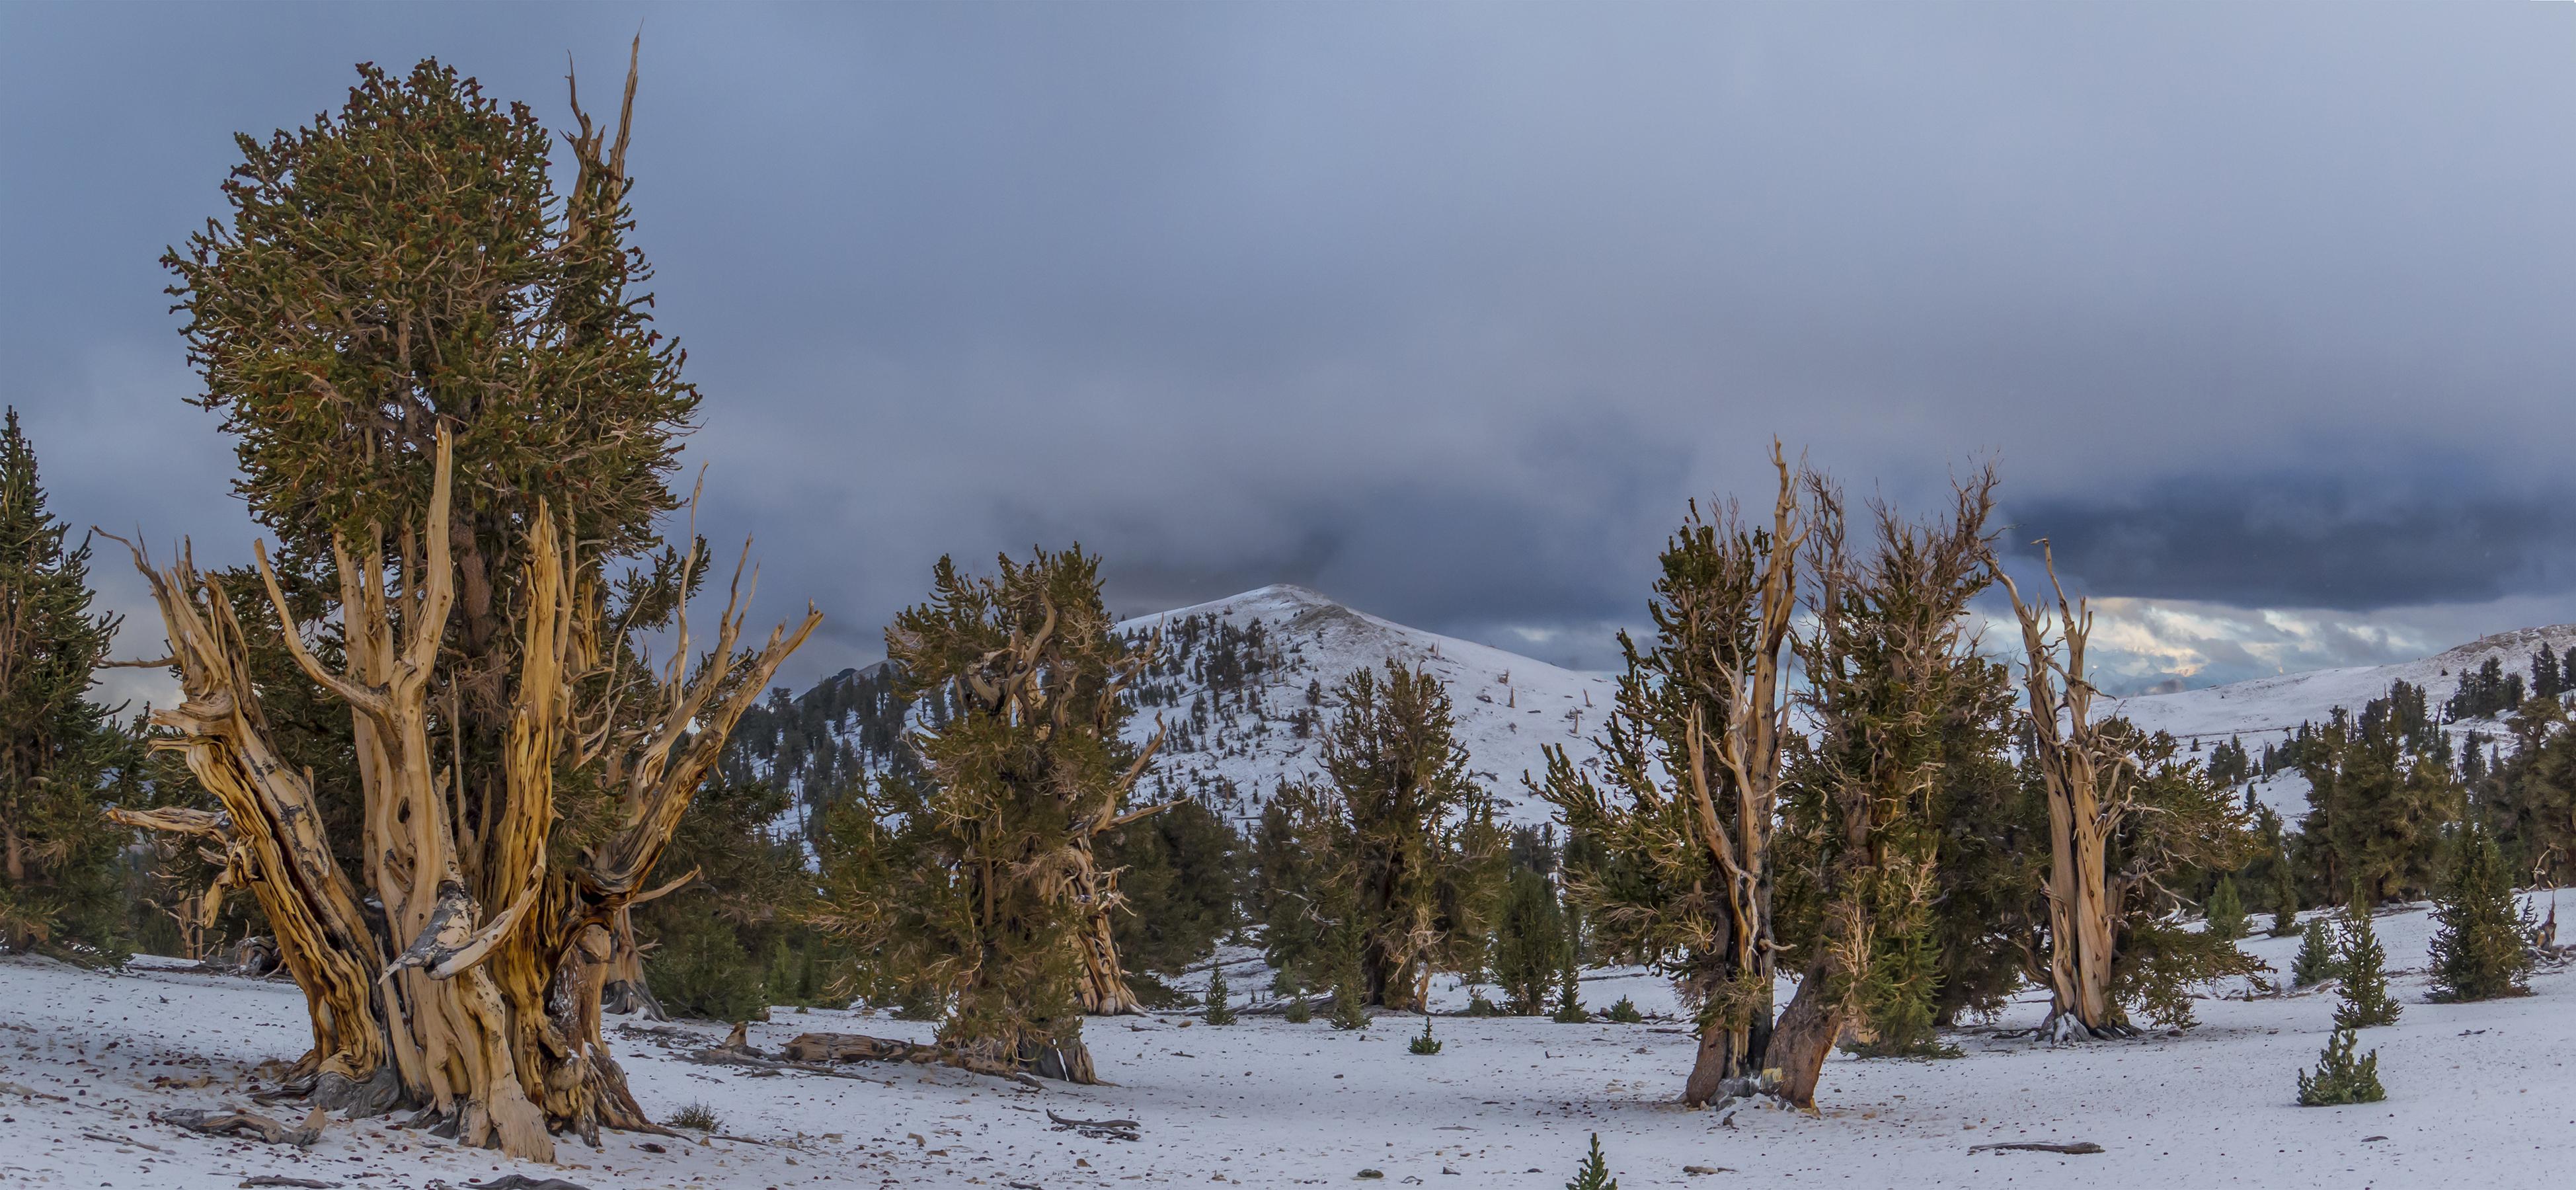 Glowing snowbound bristlecones